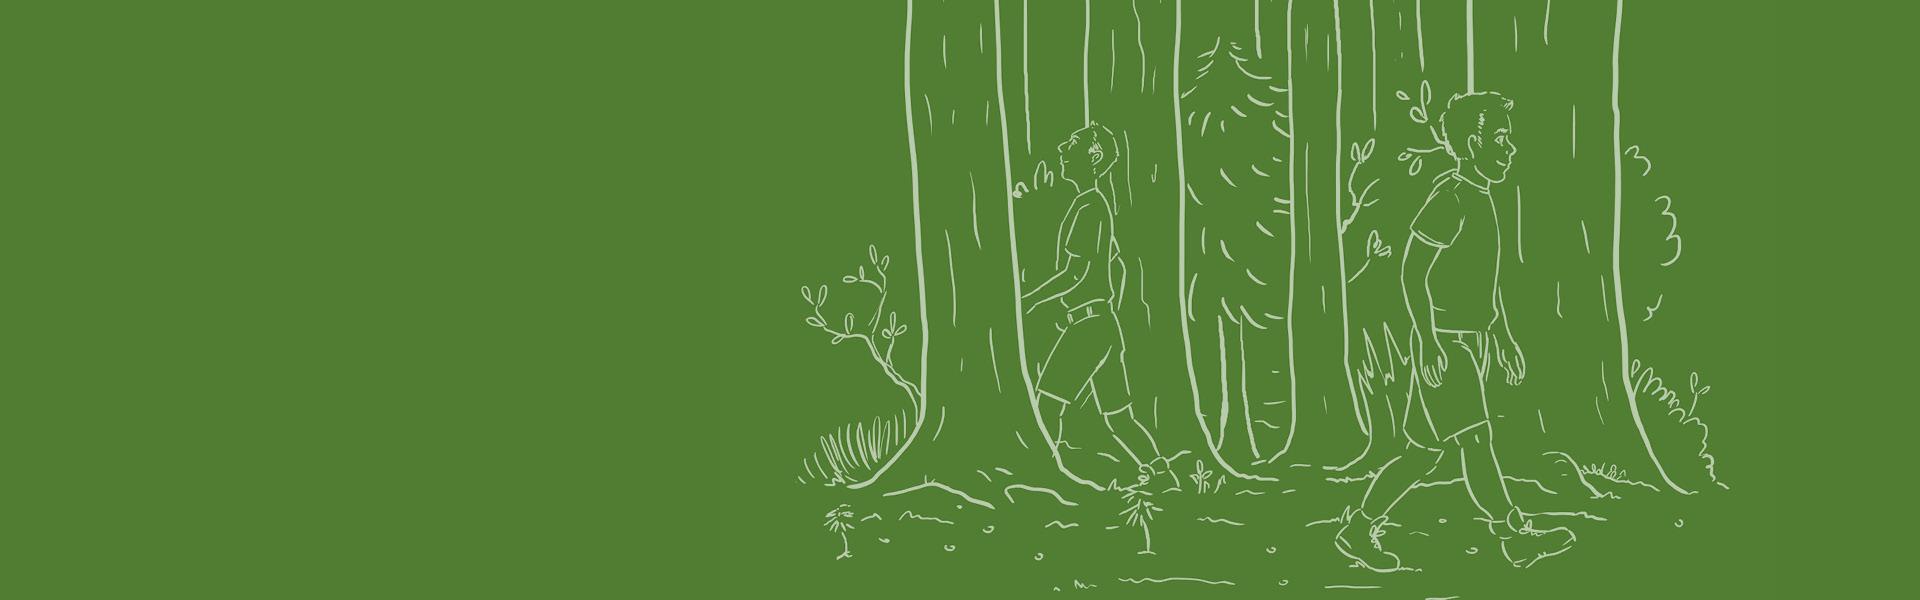 Eine Illustration auf dunkelgrünem Hintergrund mit zwei Brunthaler-Mitarbeitern, die durch den Wald spazieren.